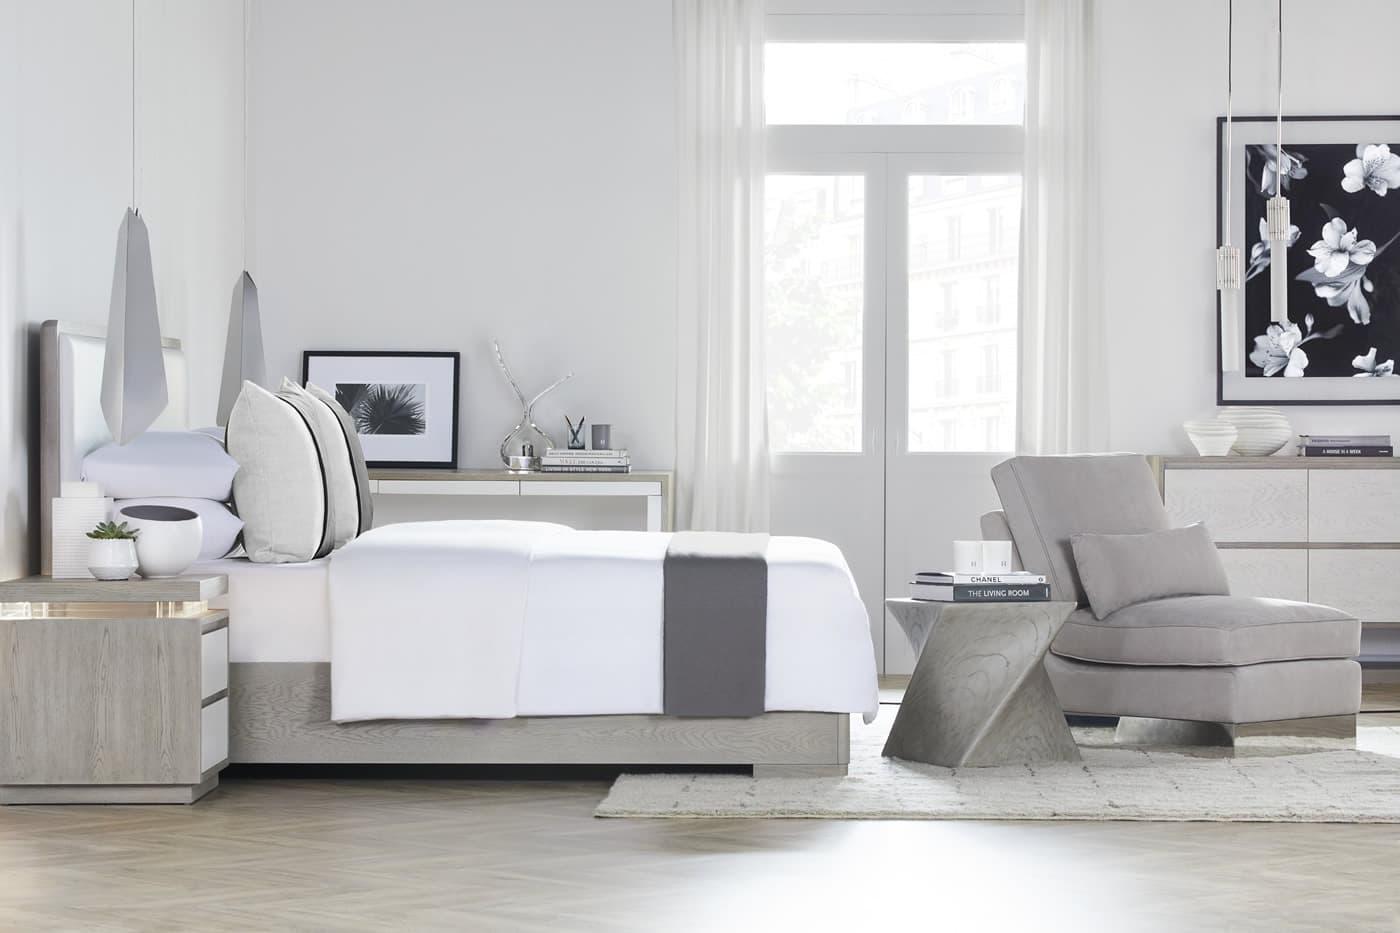 Bedroom-Sonder-Living-The-Newman-Modern